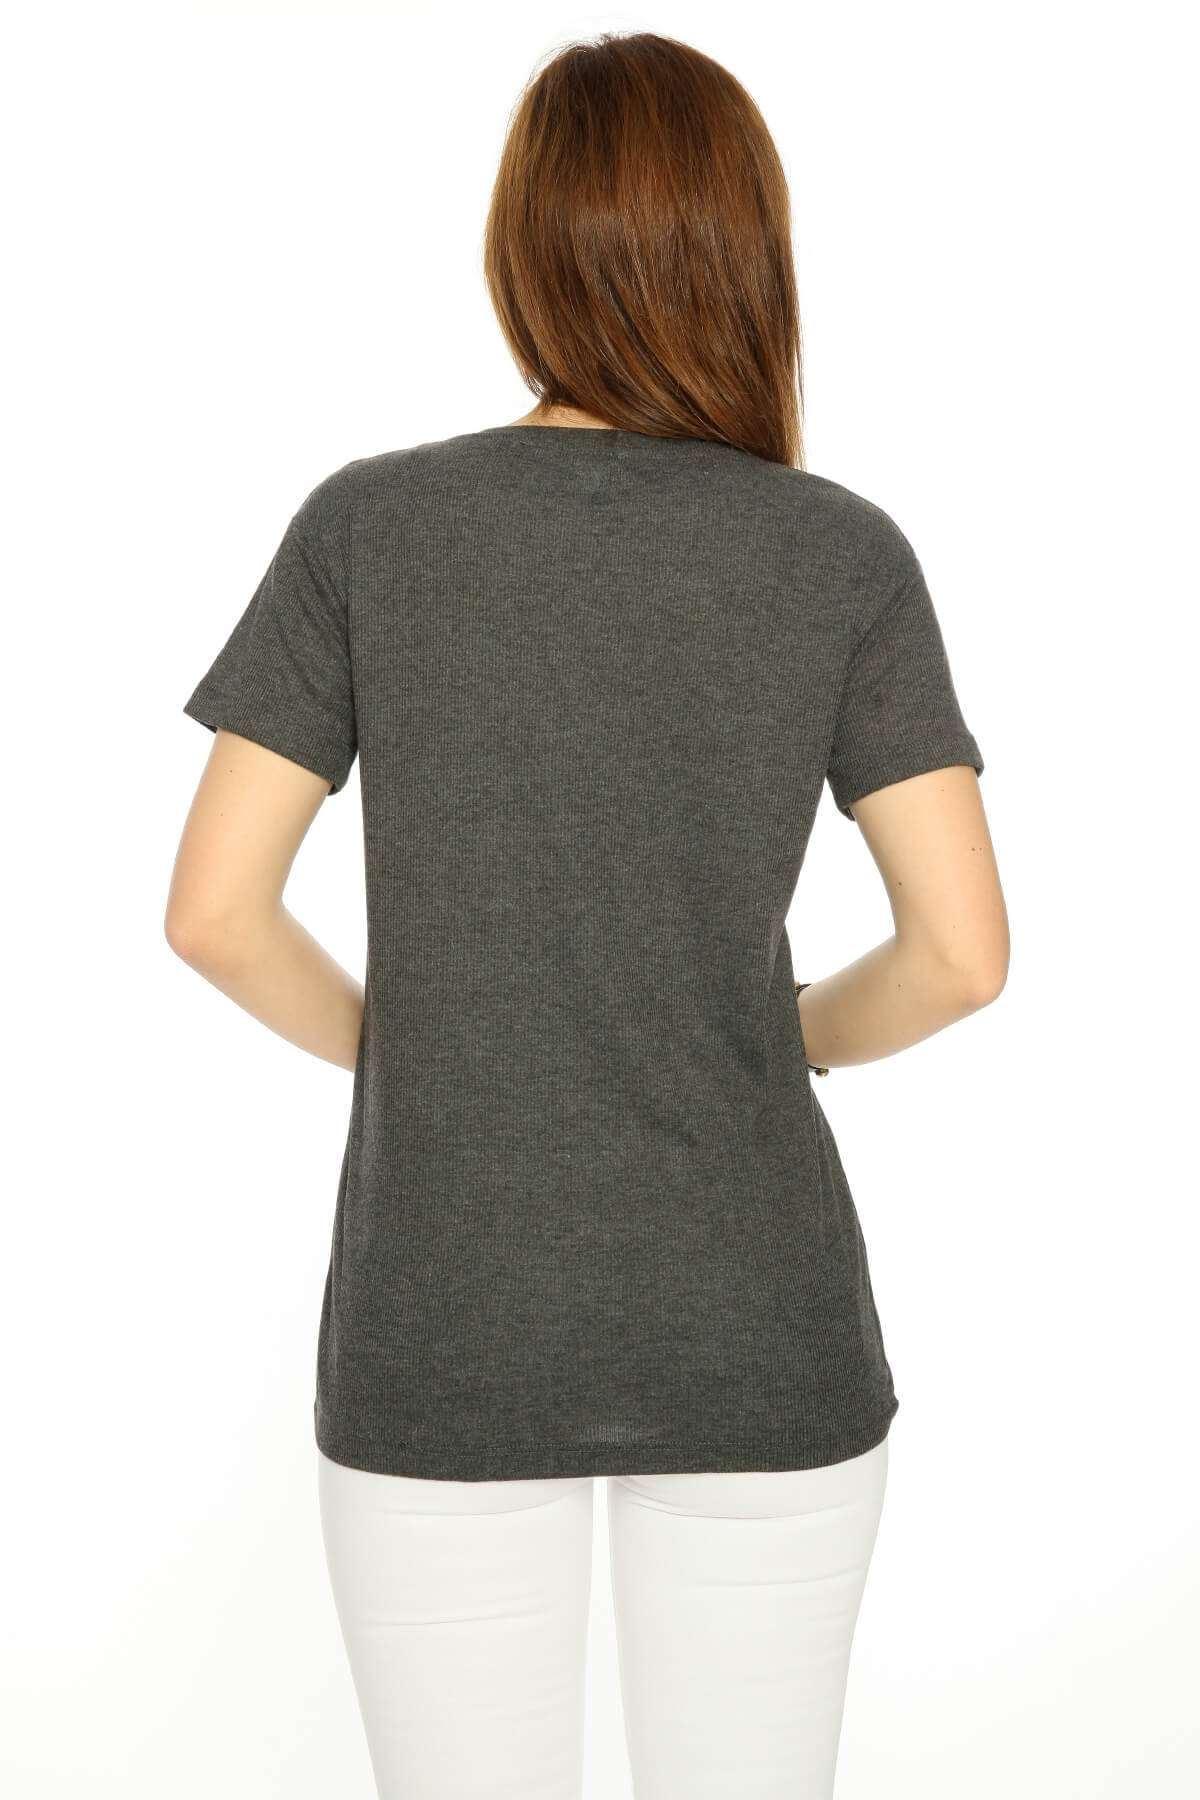 Yarım Kol Ön Plastik Armalı Bluz Füme